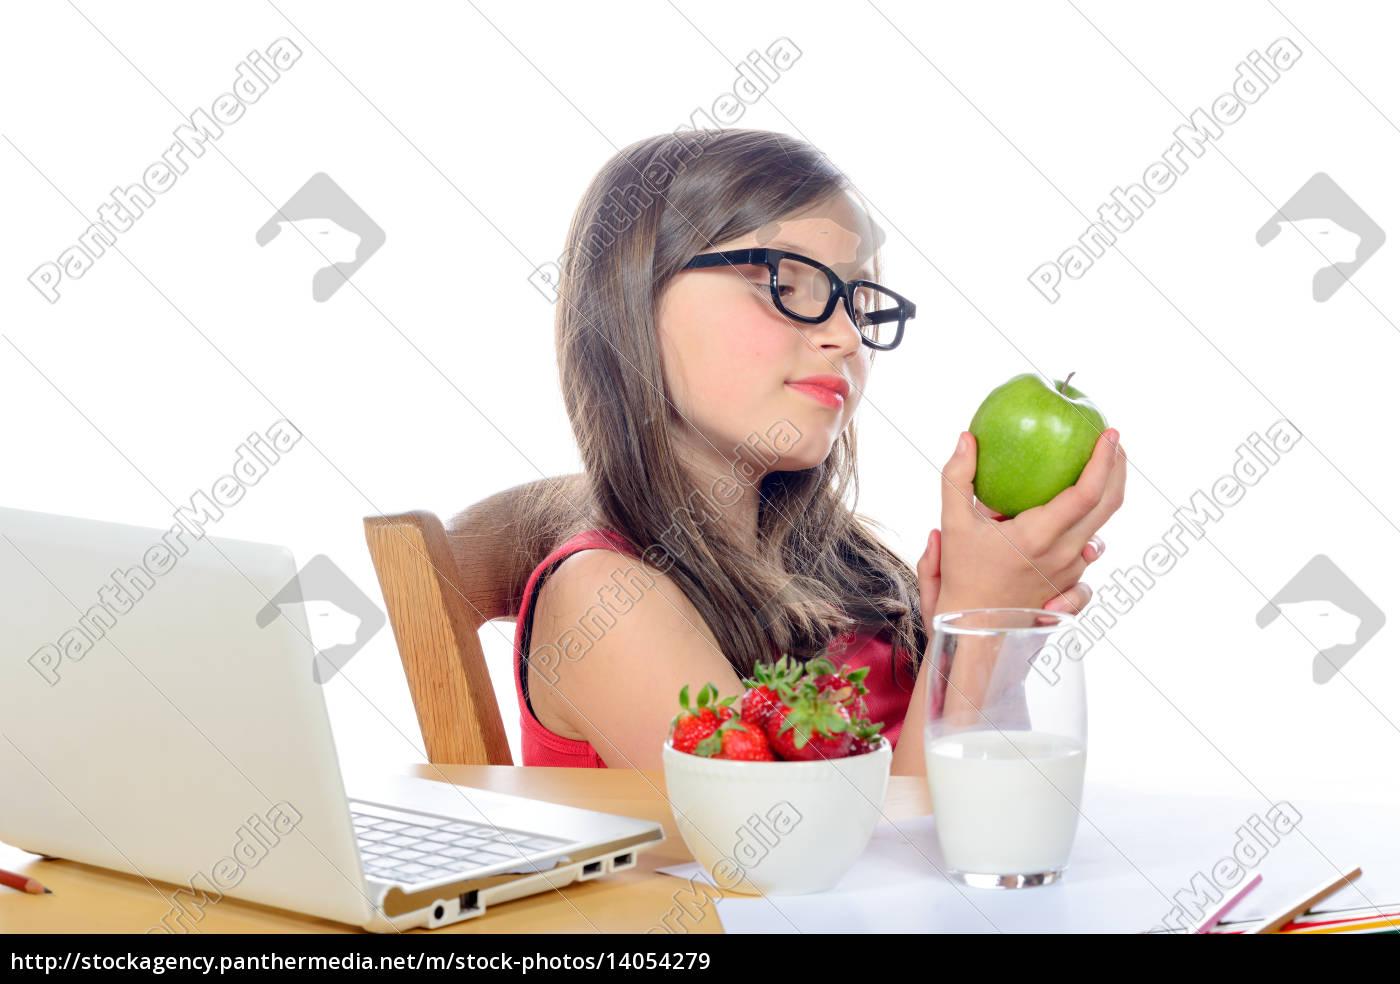 a, little, school, girl, looks, apple - 14054279